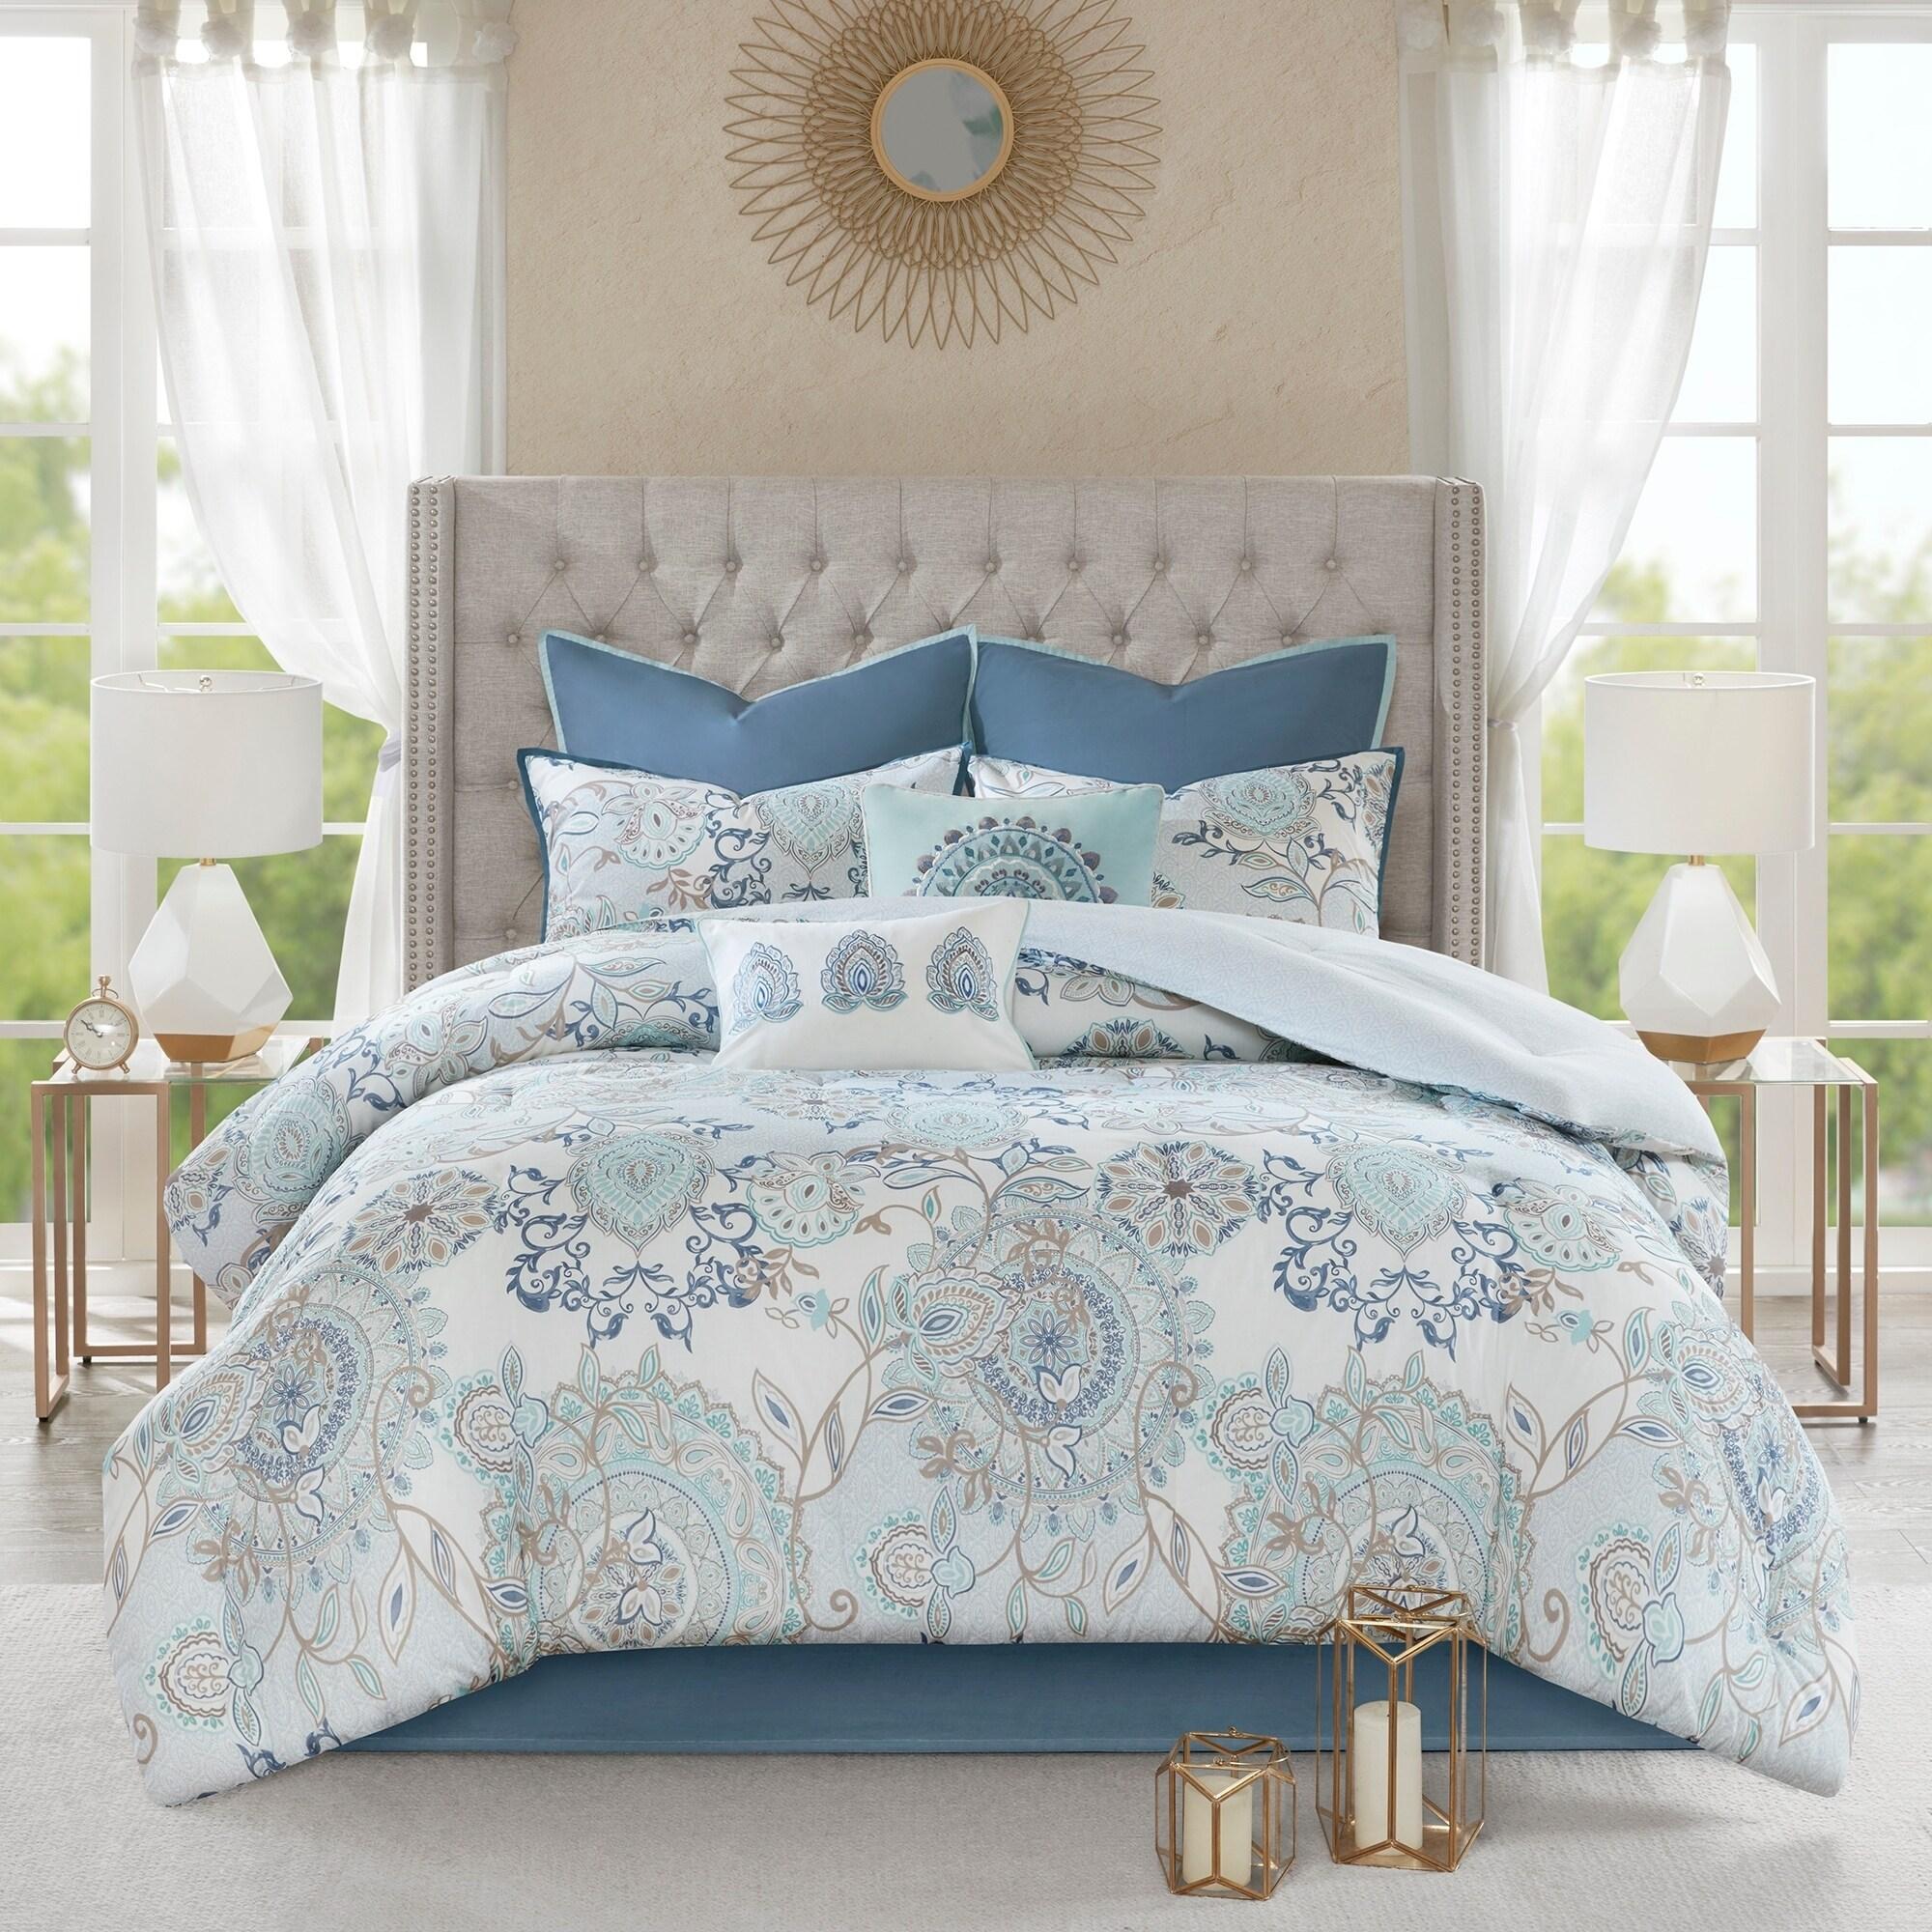 Ordinaire Madison Park Loleta Blue 8 Piece Cotton Reversible Comforter Set